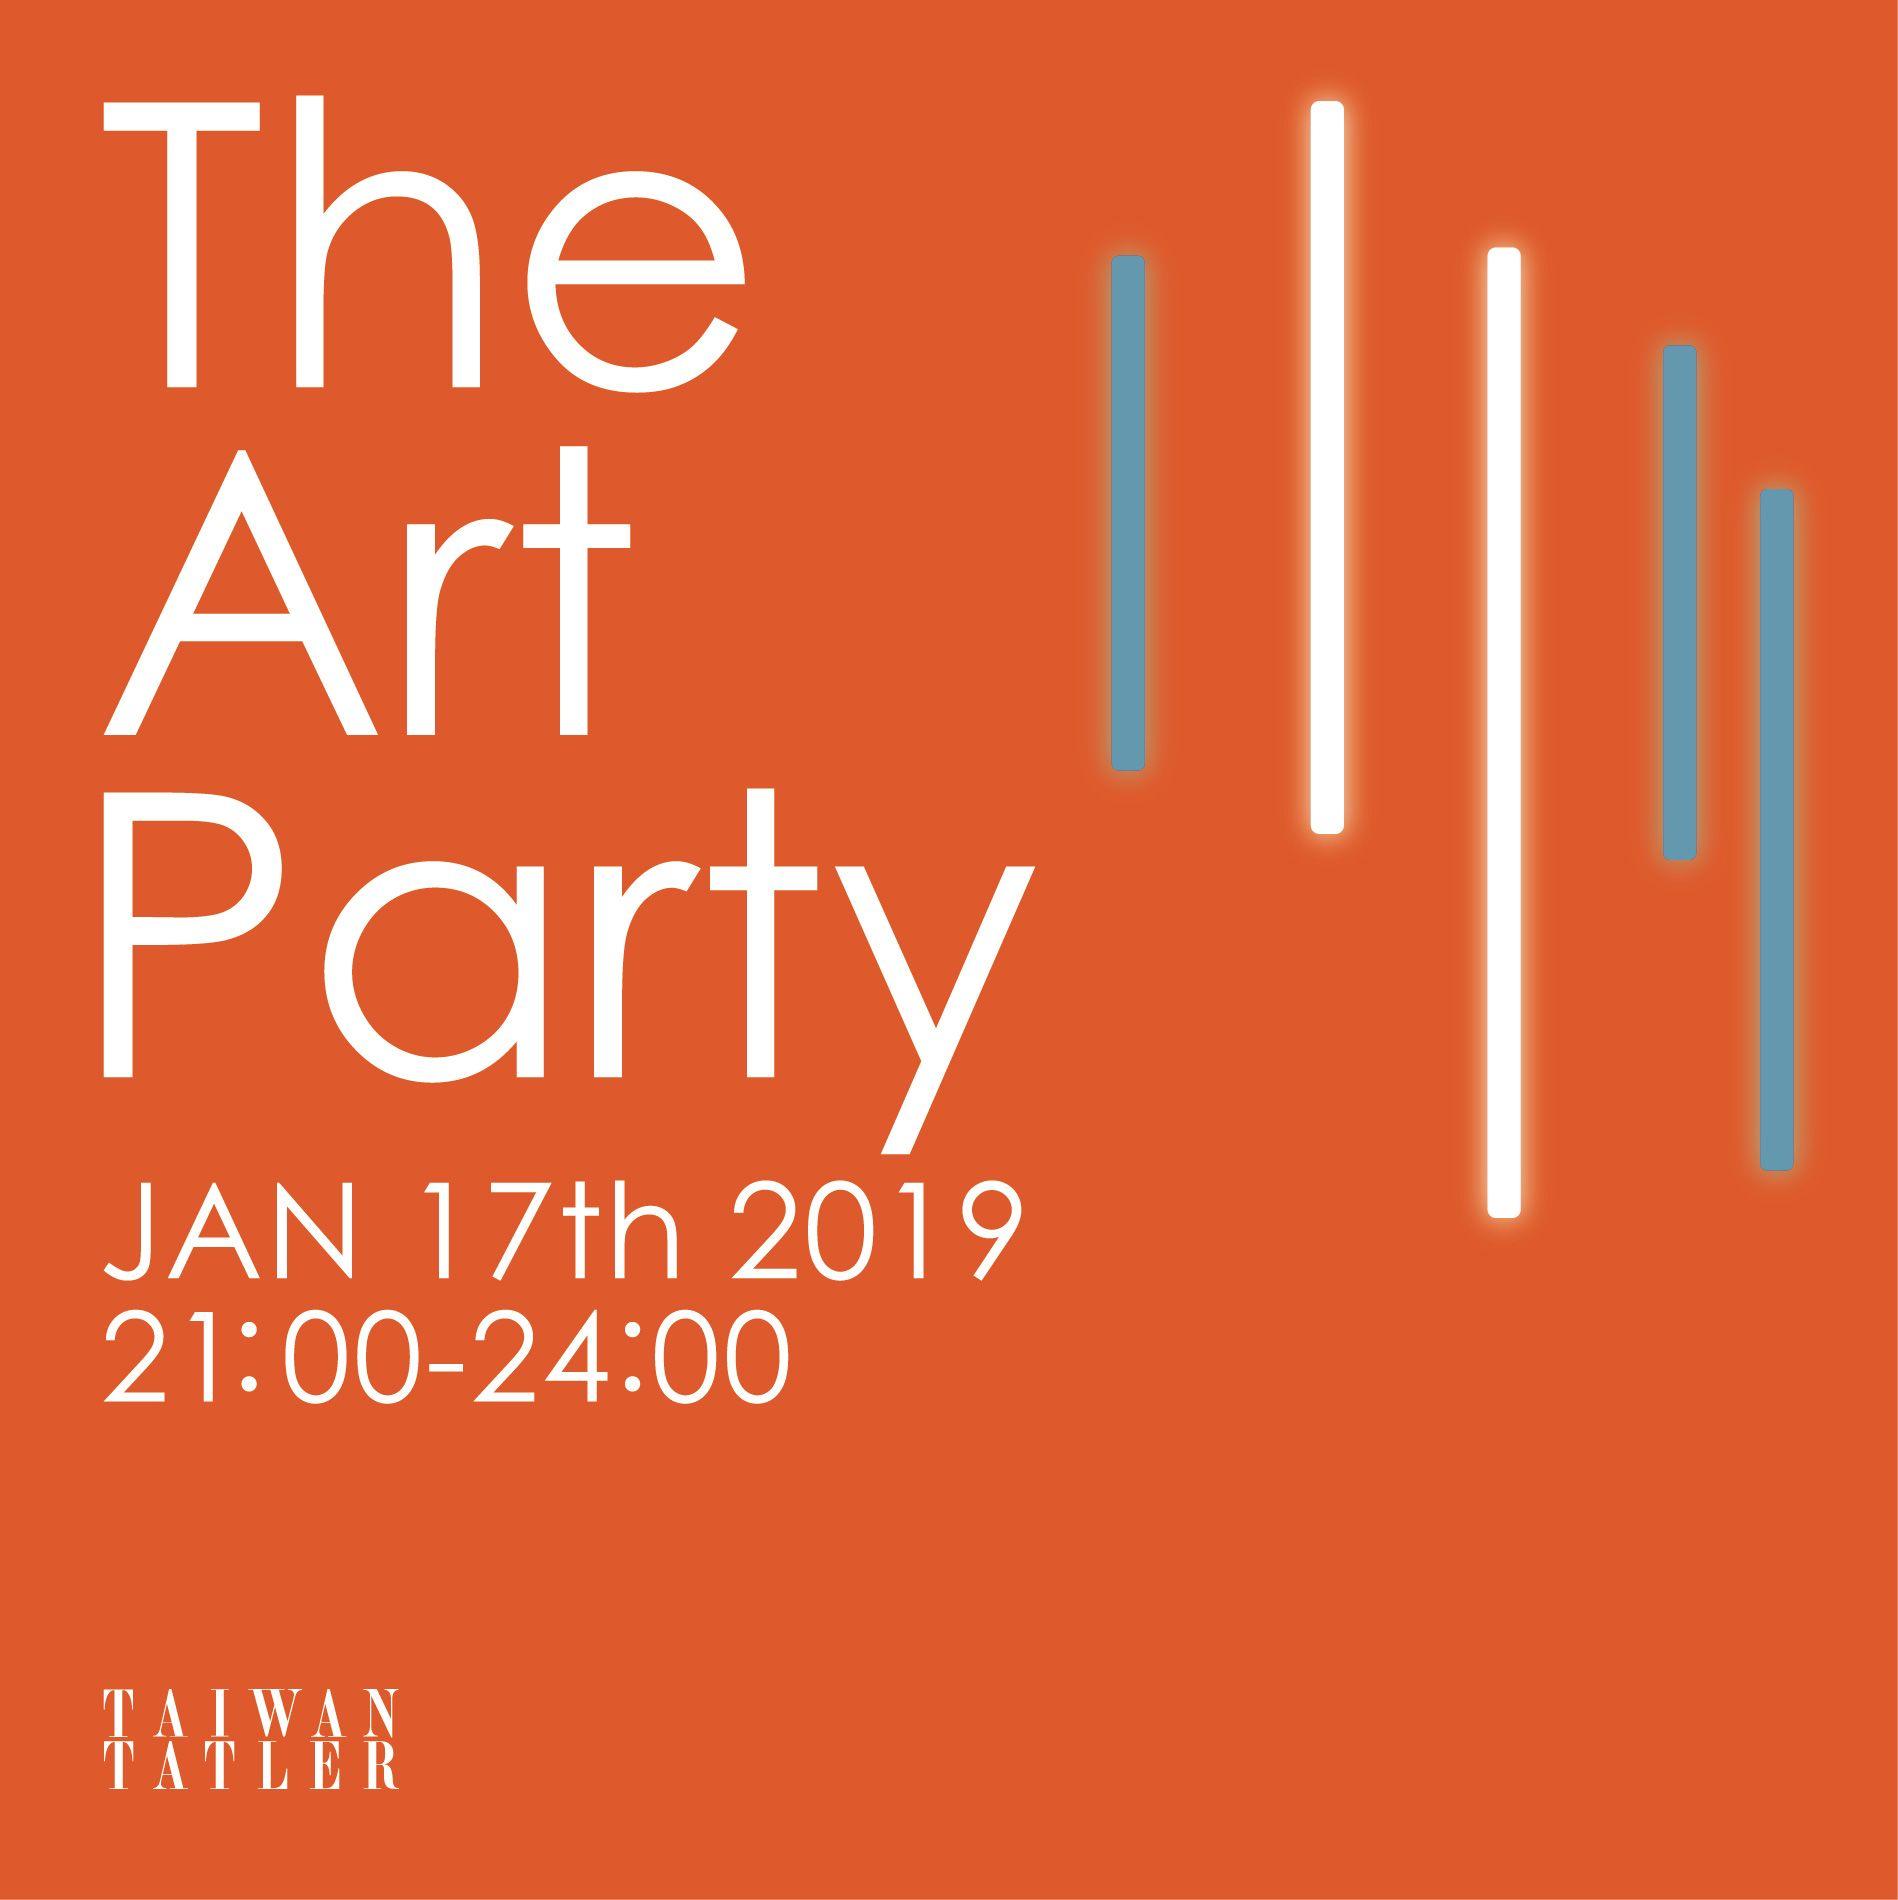 台北當代藝術博覽會Art Party Tour Guide藝術派對指南